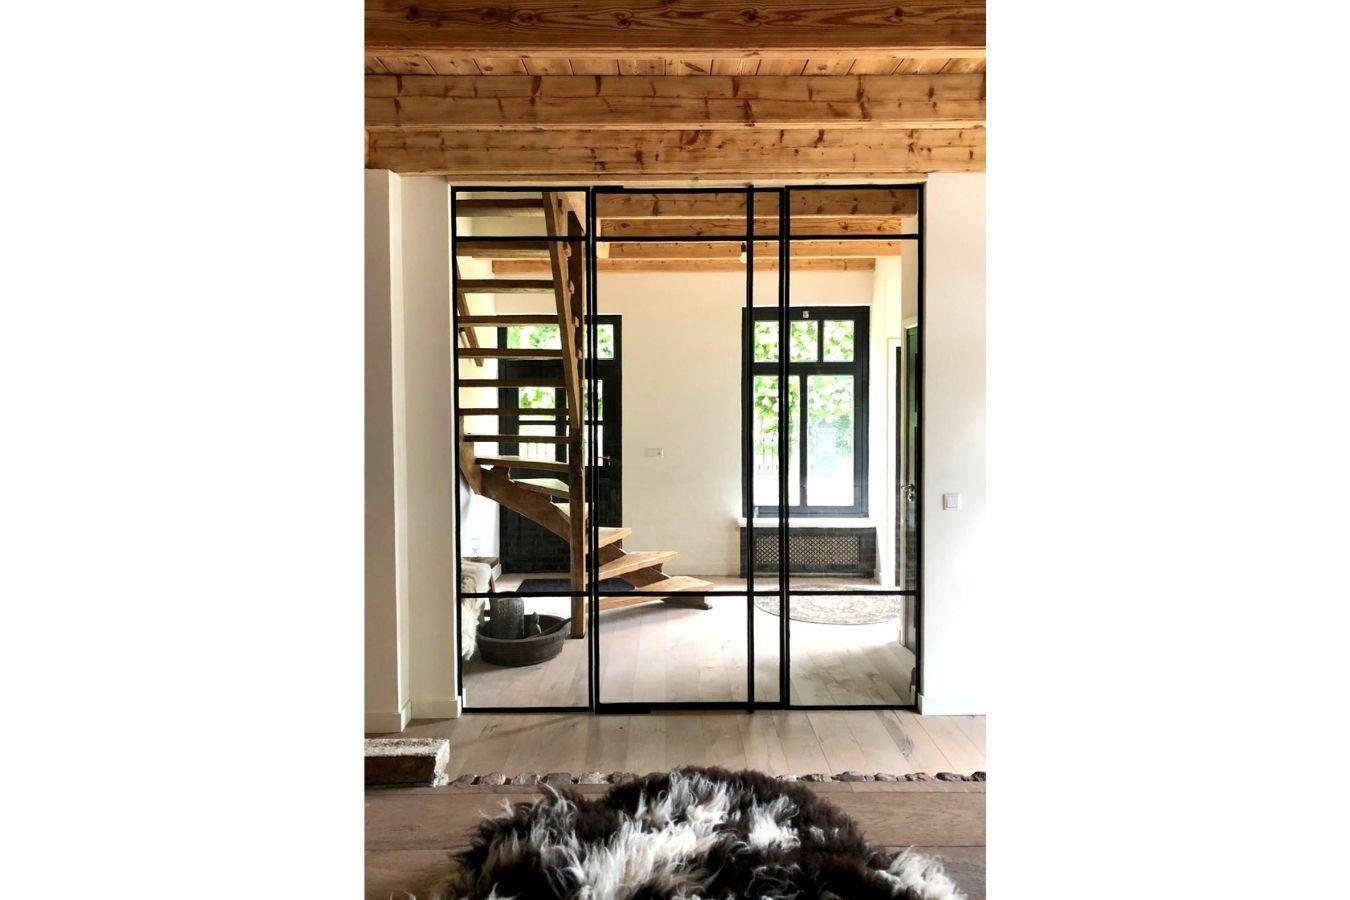 Binnen pui op maat, project veldhoven, stalendeurenhuys, taatsdeur met zijlicht